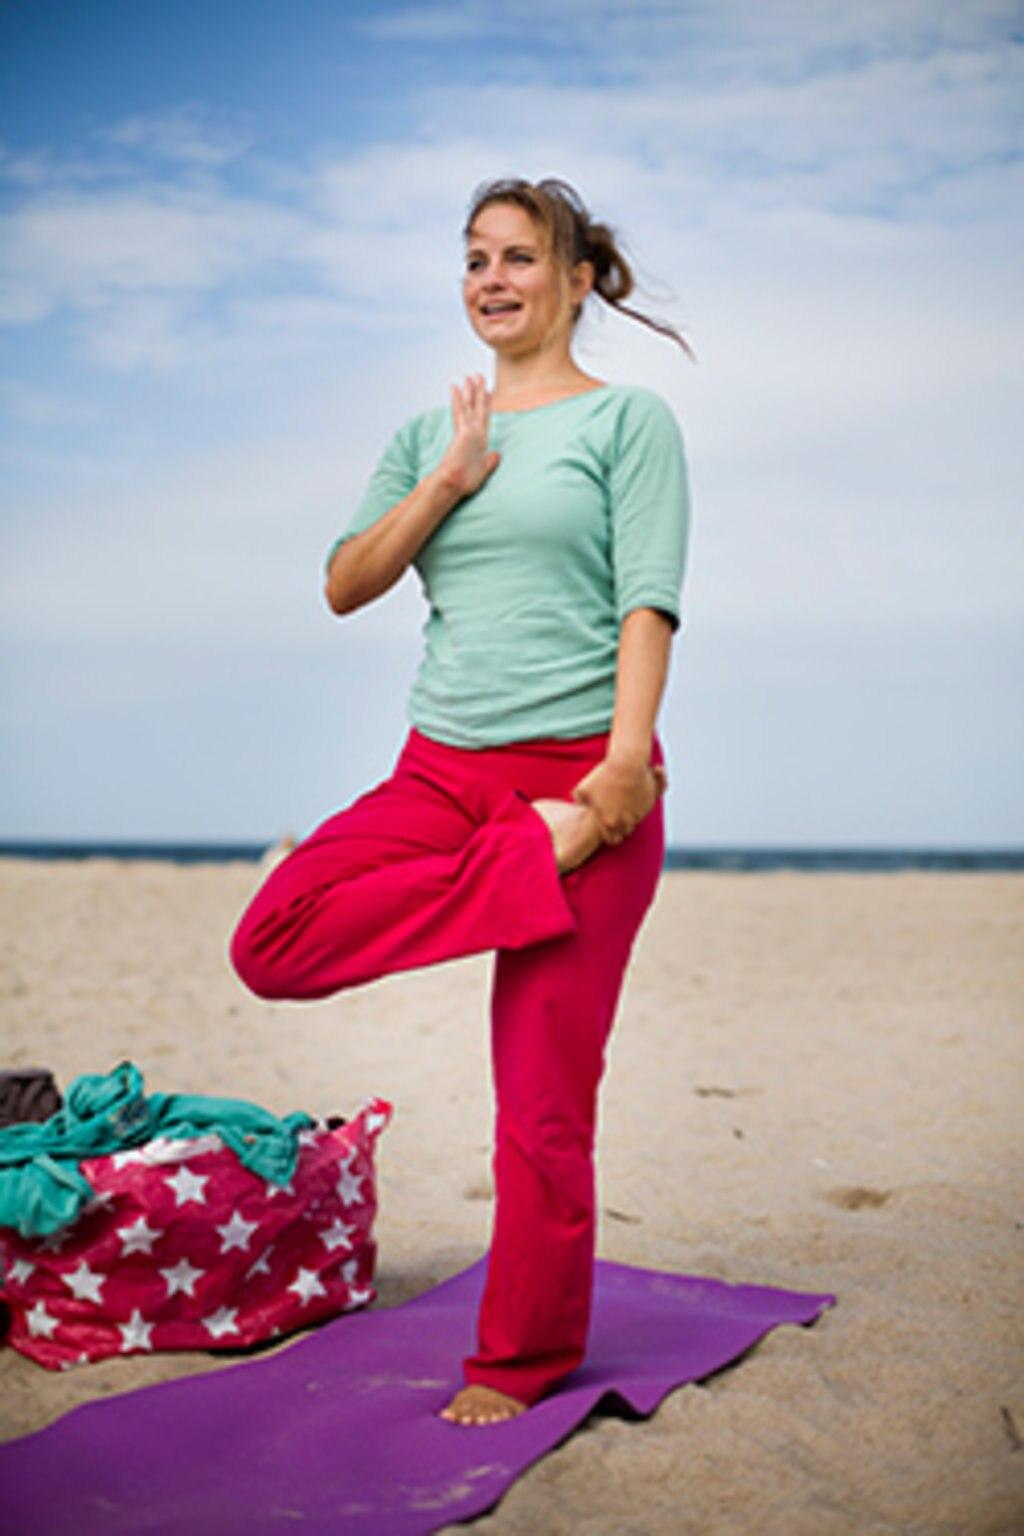 Der Strand ist ideal zum Yoga-Training © Stefanie Preuin